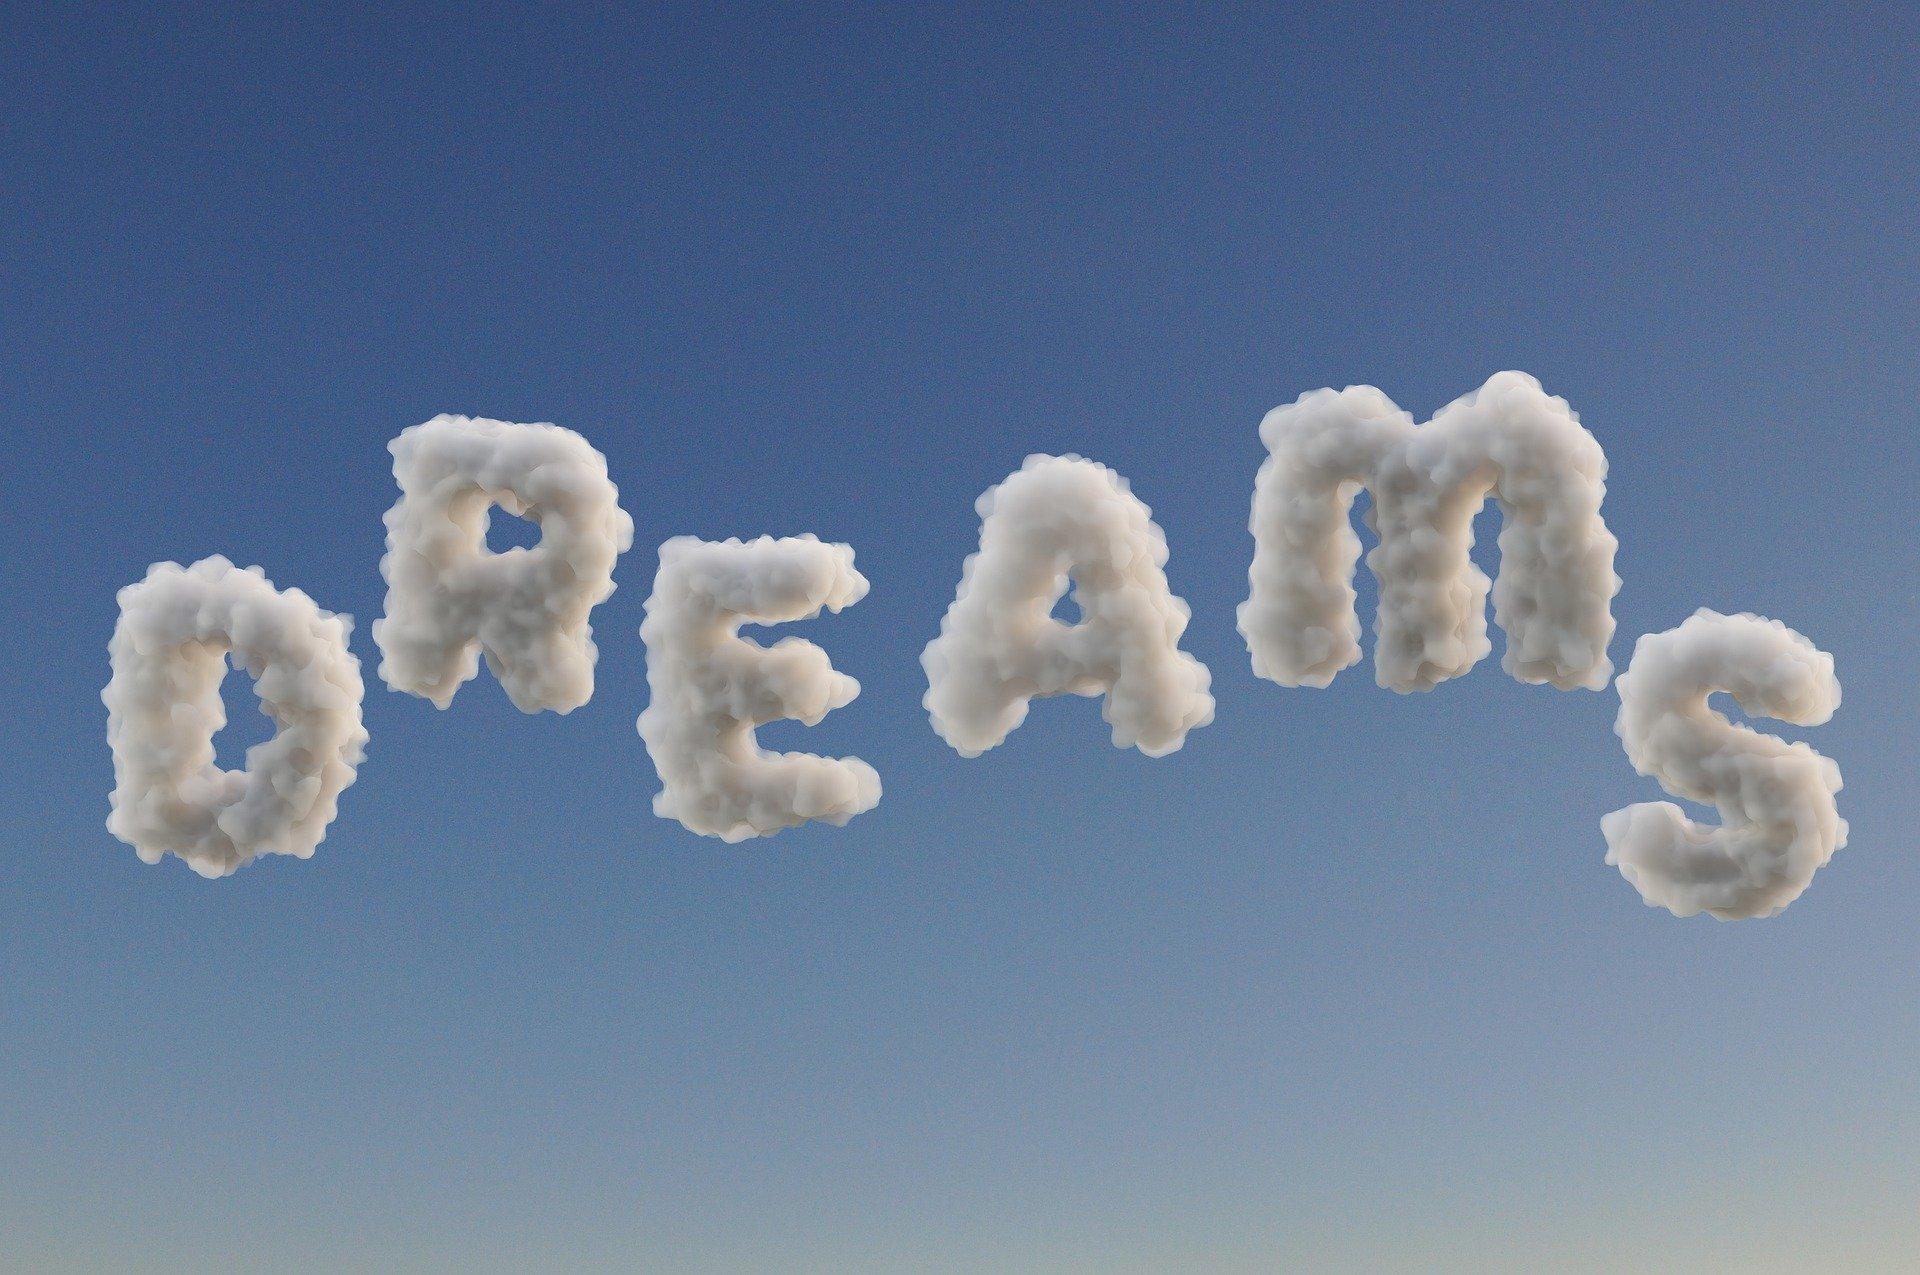 鴨頭さんに学ぶ夢を潰す大人の特徴